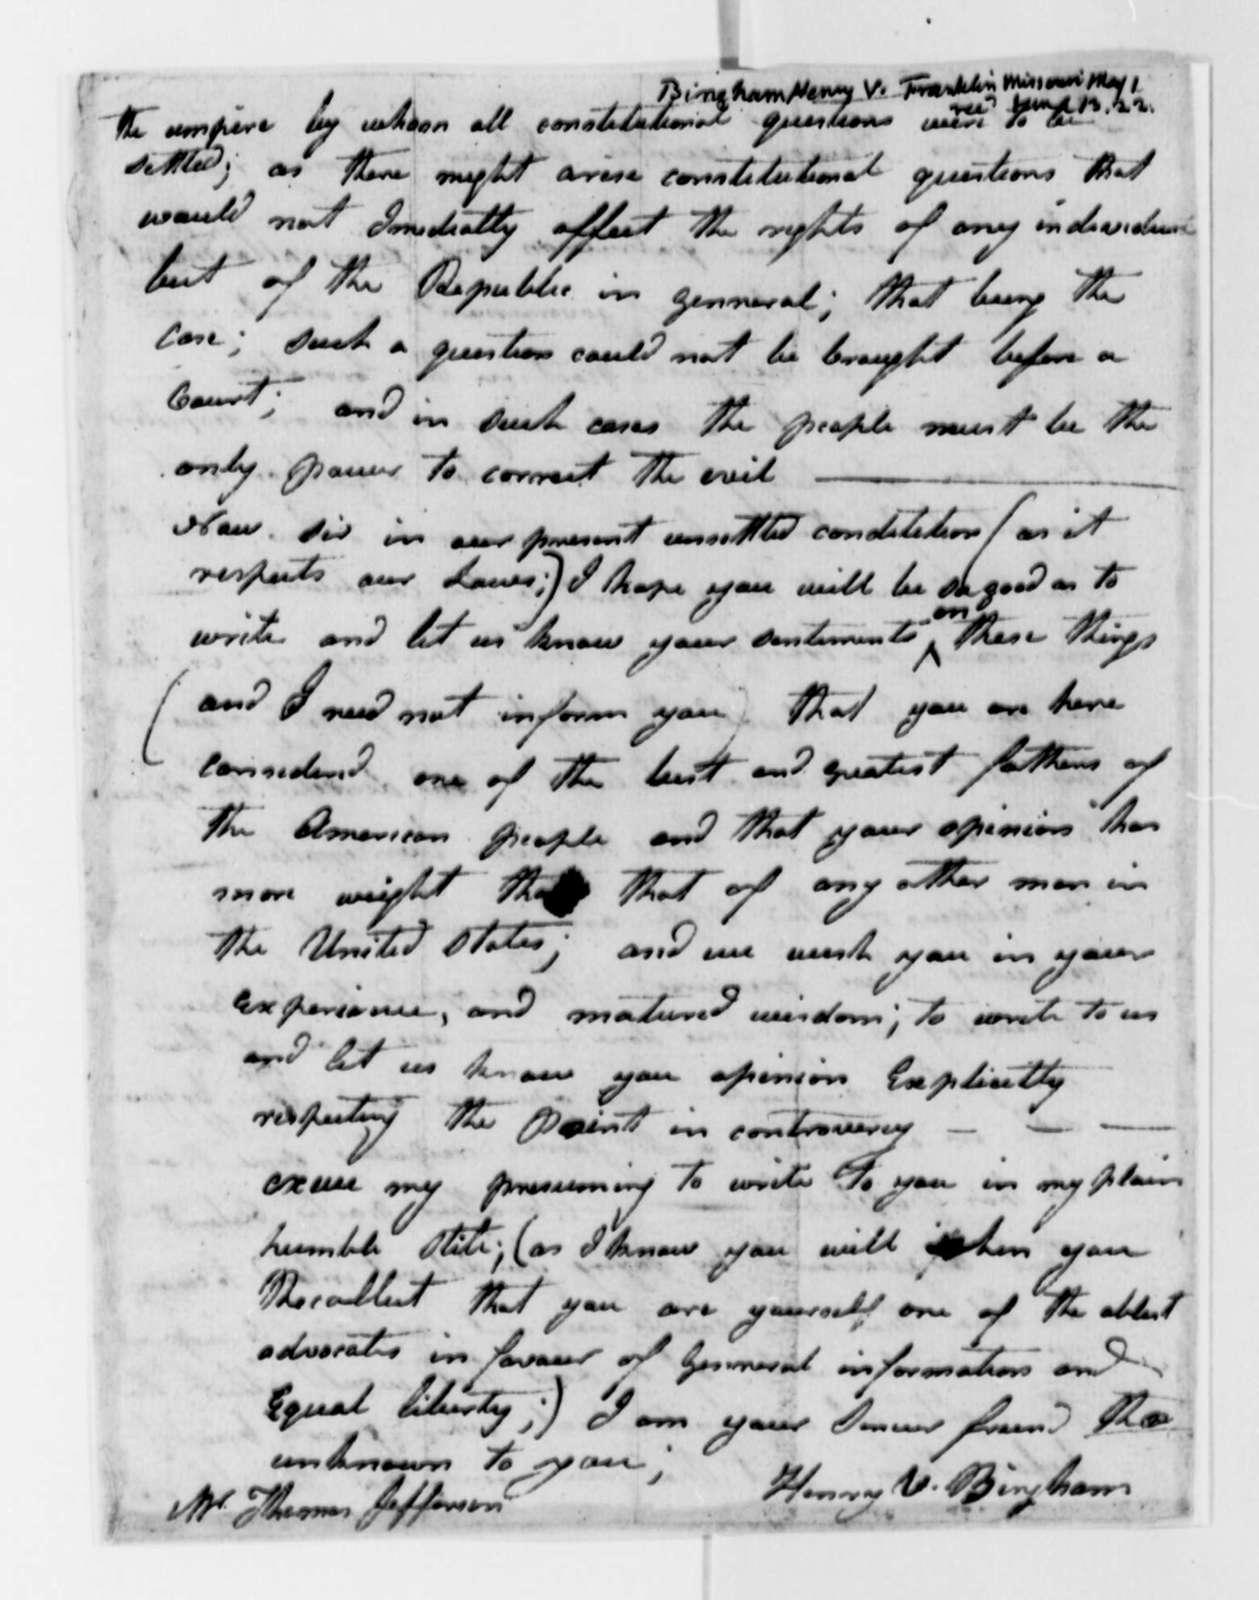 Henry V. Bingham to Thomas Jefferson, May 1, 1822